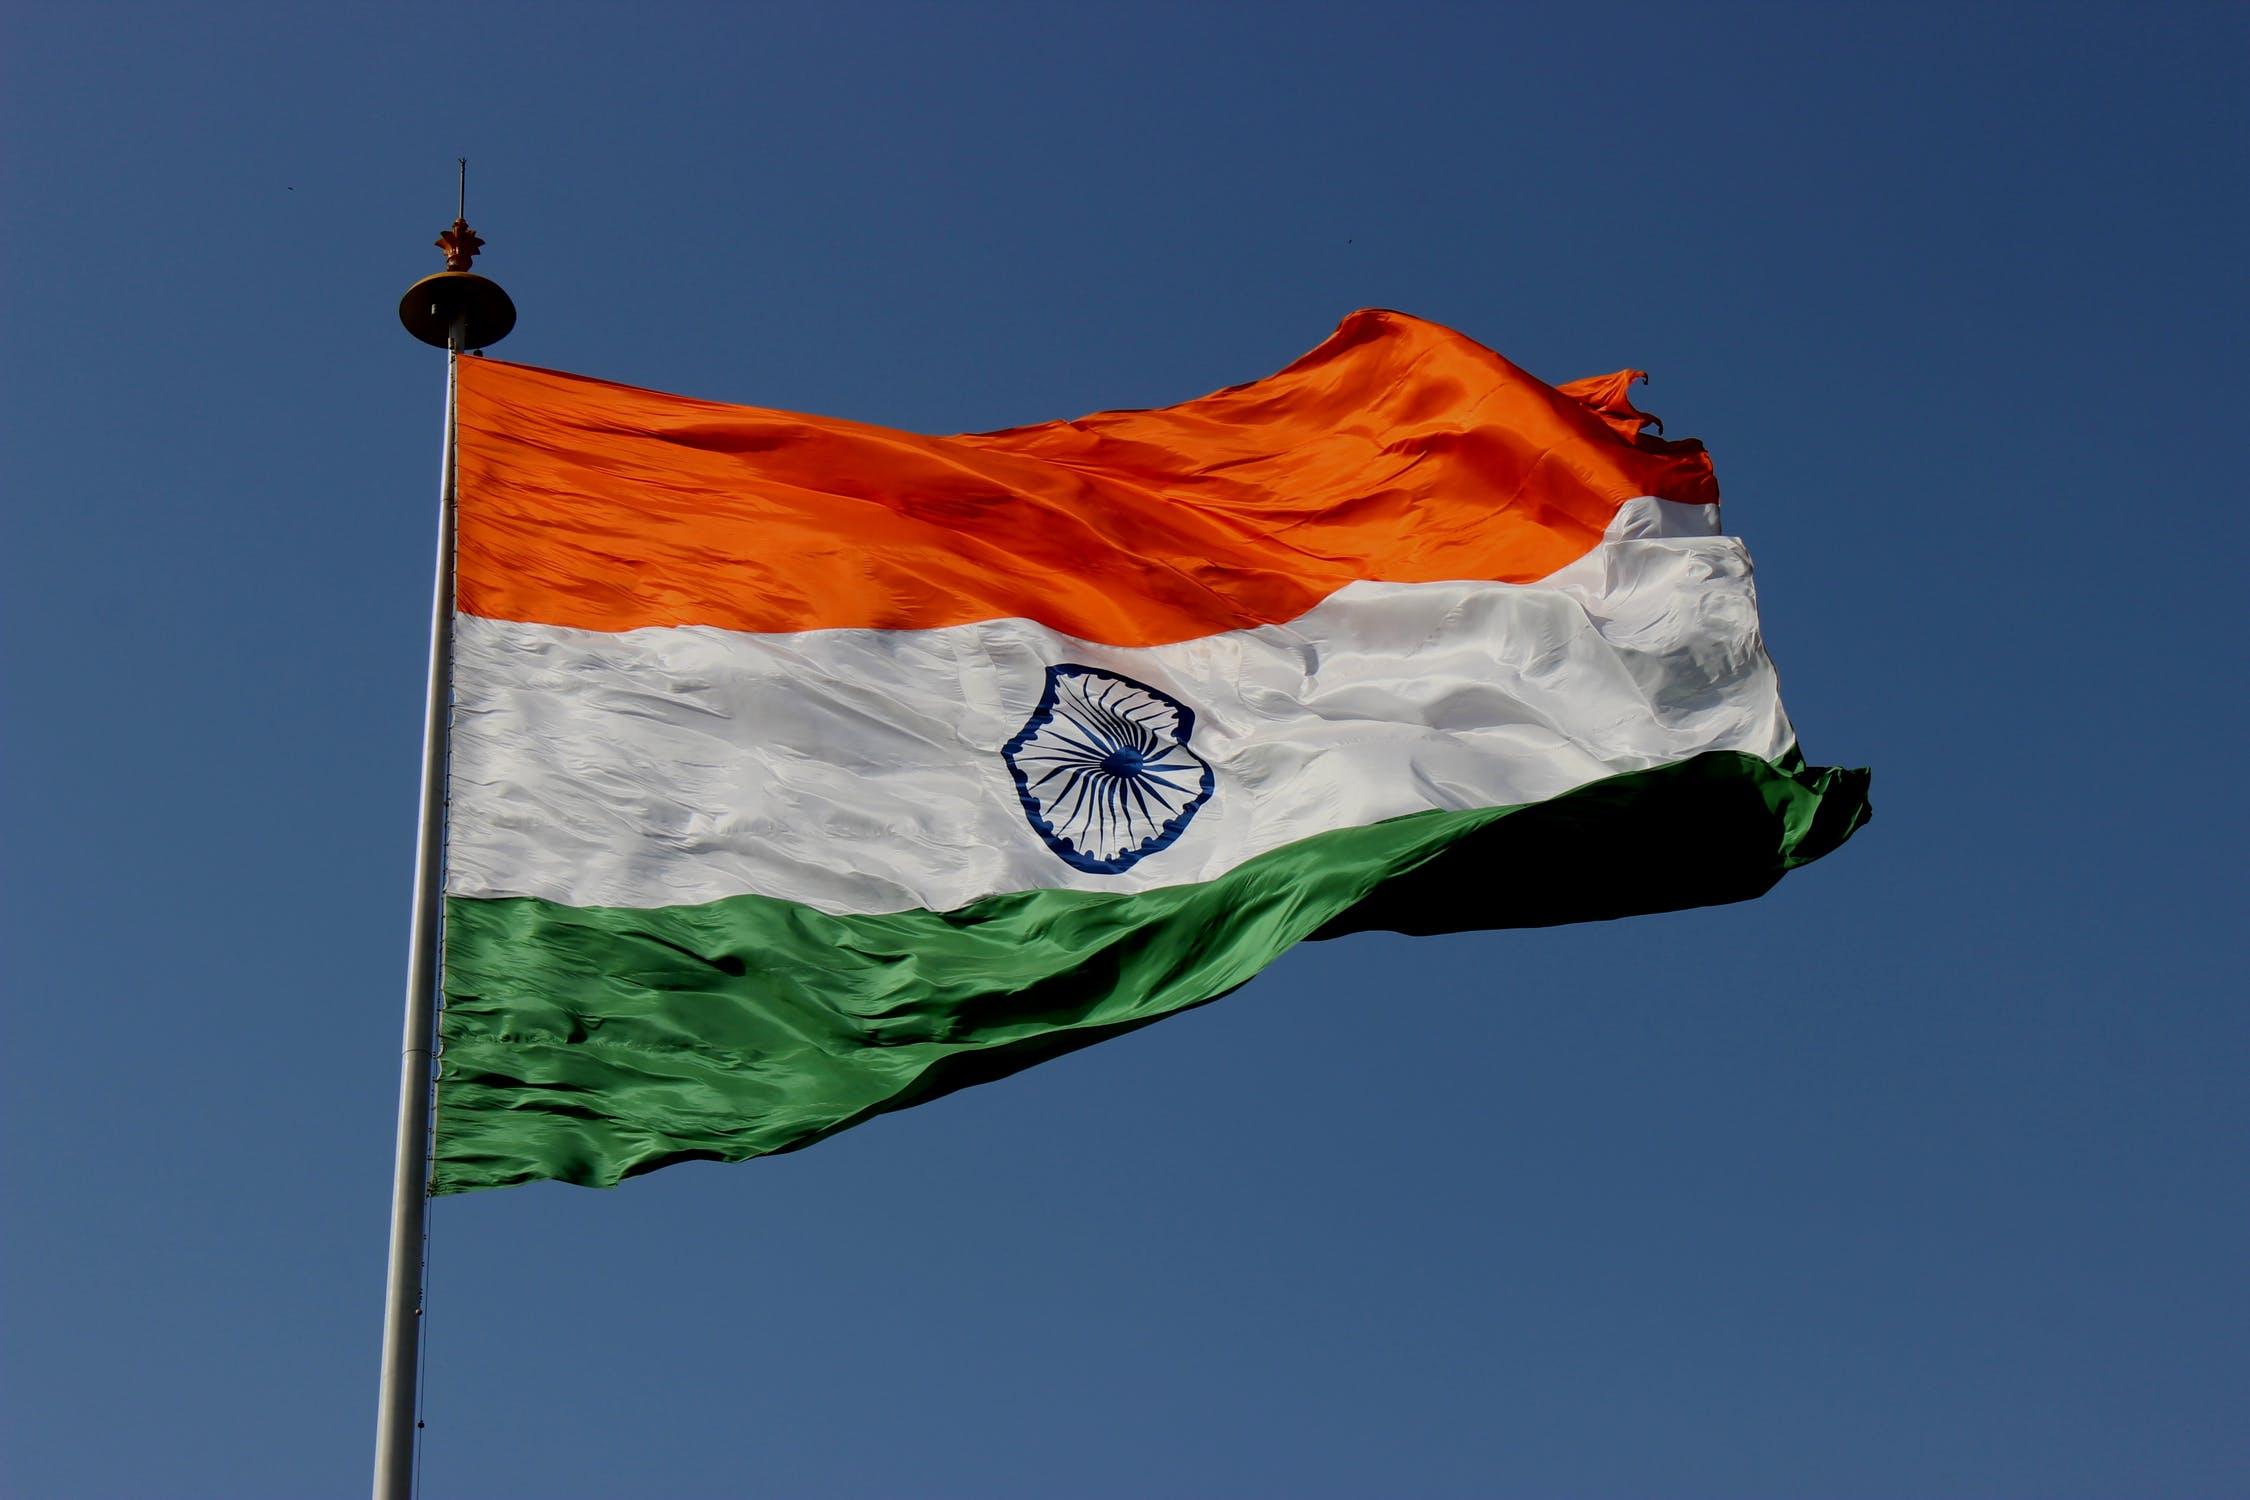 科技部徵求2022-2024年臺灣與印度(DST)雙邊協議國際合作研究計畫的標題圖片